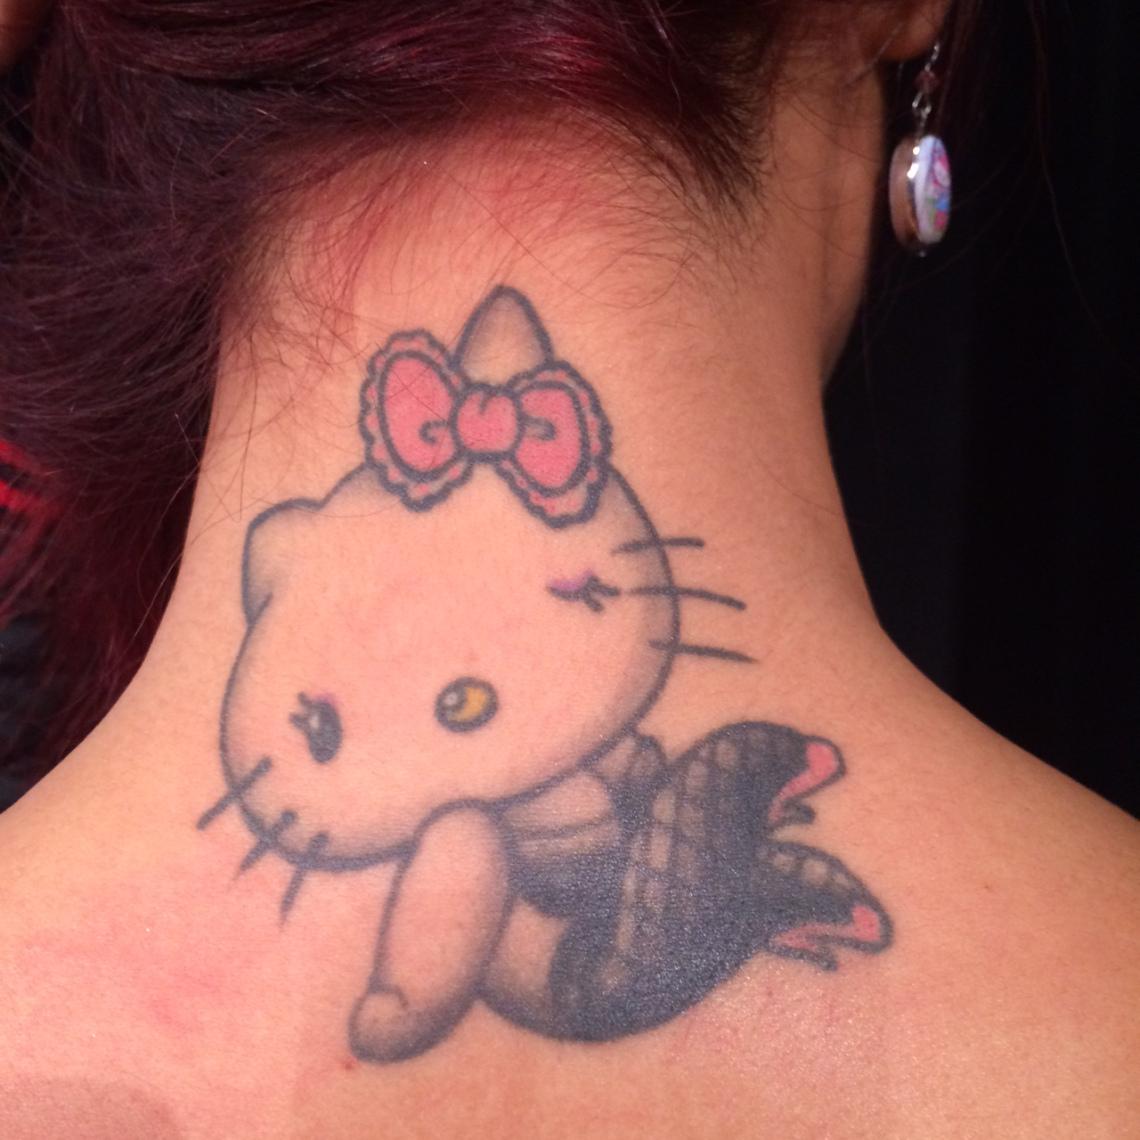 Xăm hình hello kitty ở sau vai gáy đẹp nhất